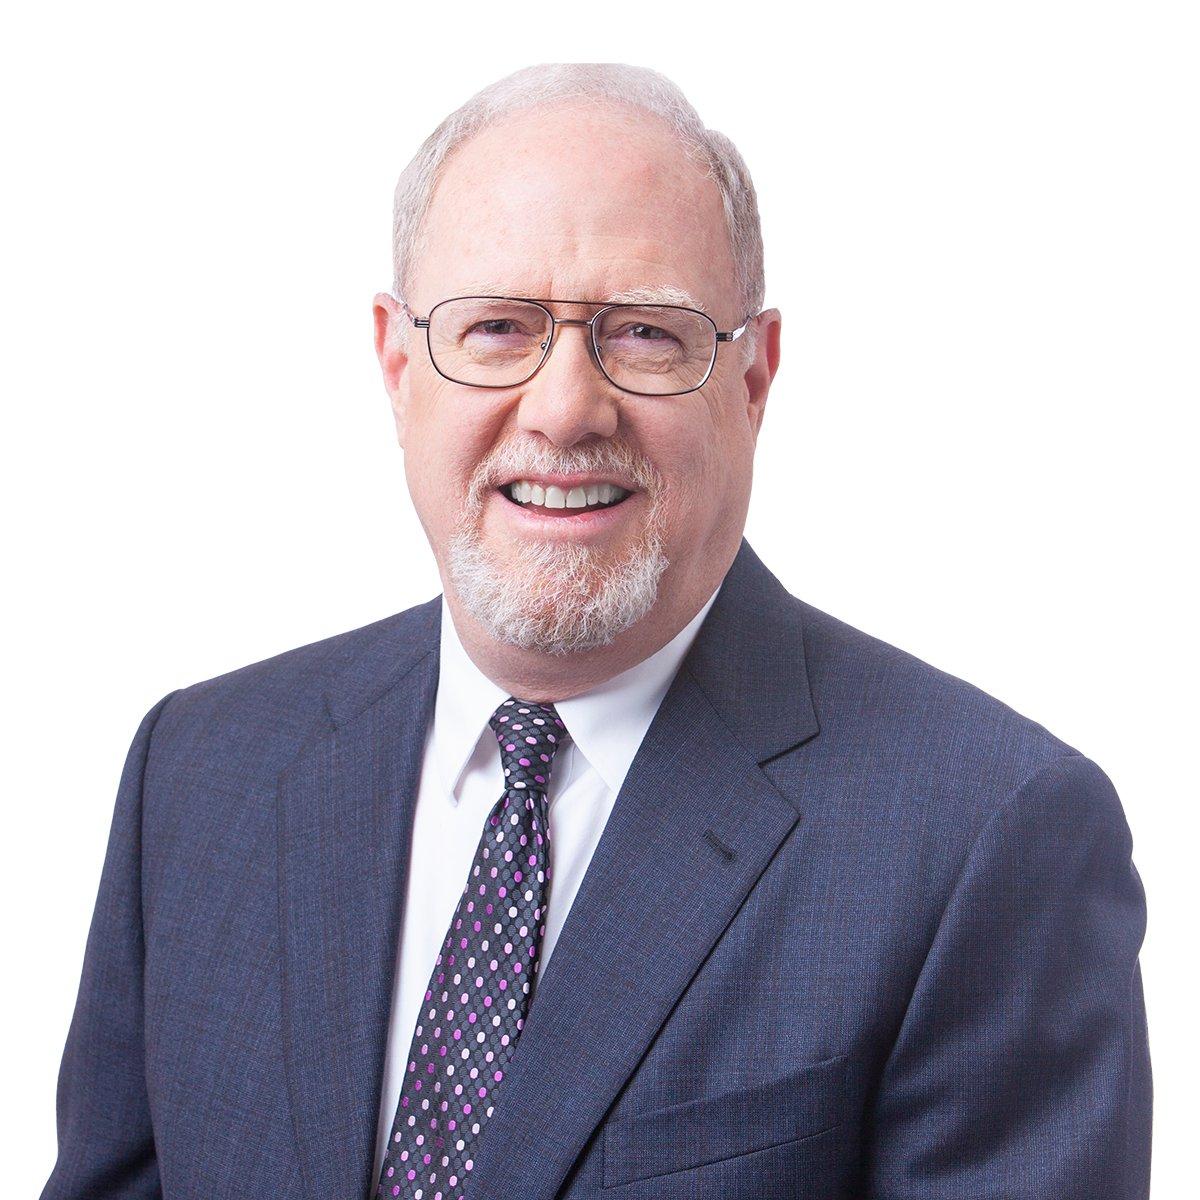 David J. Minkin